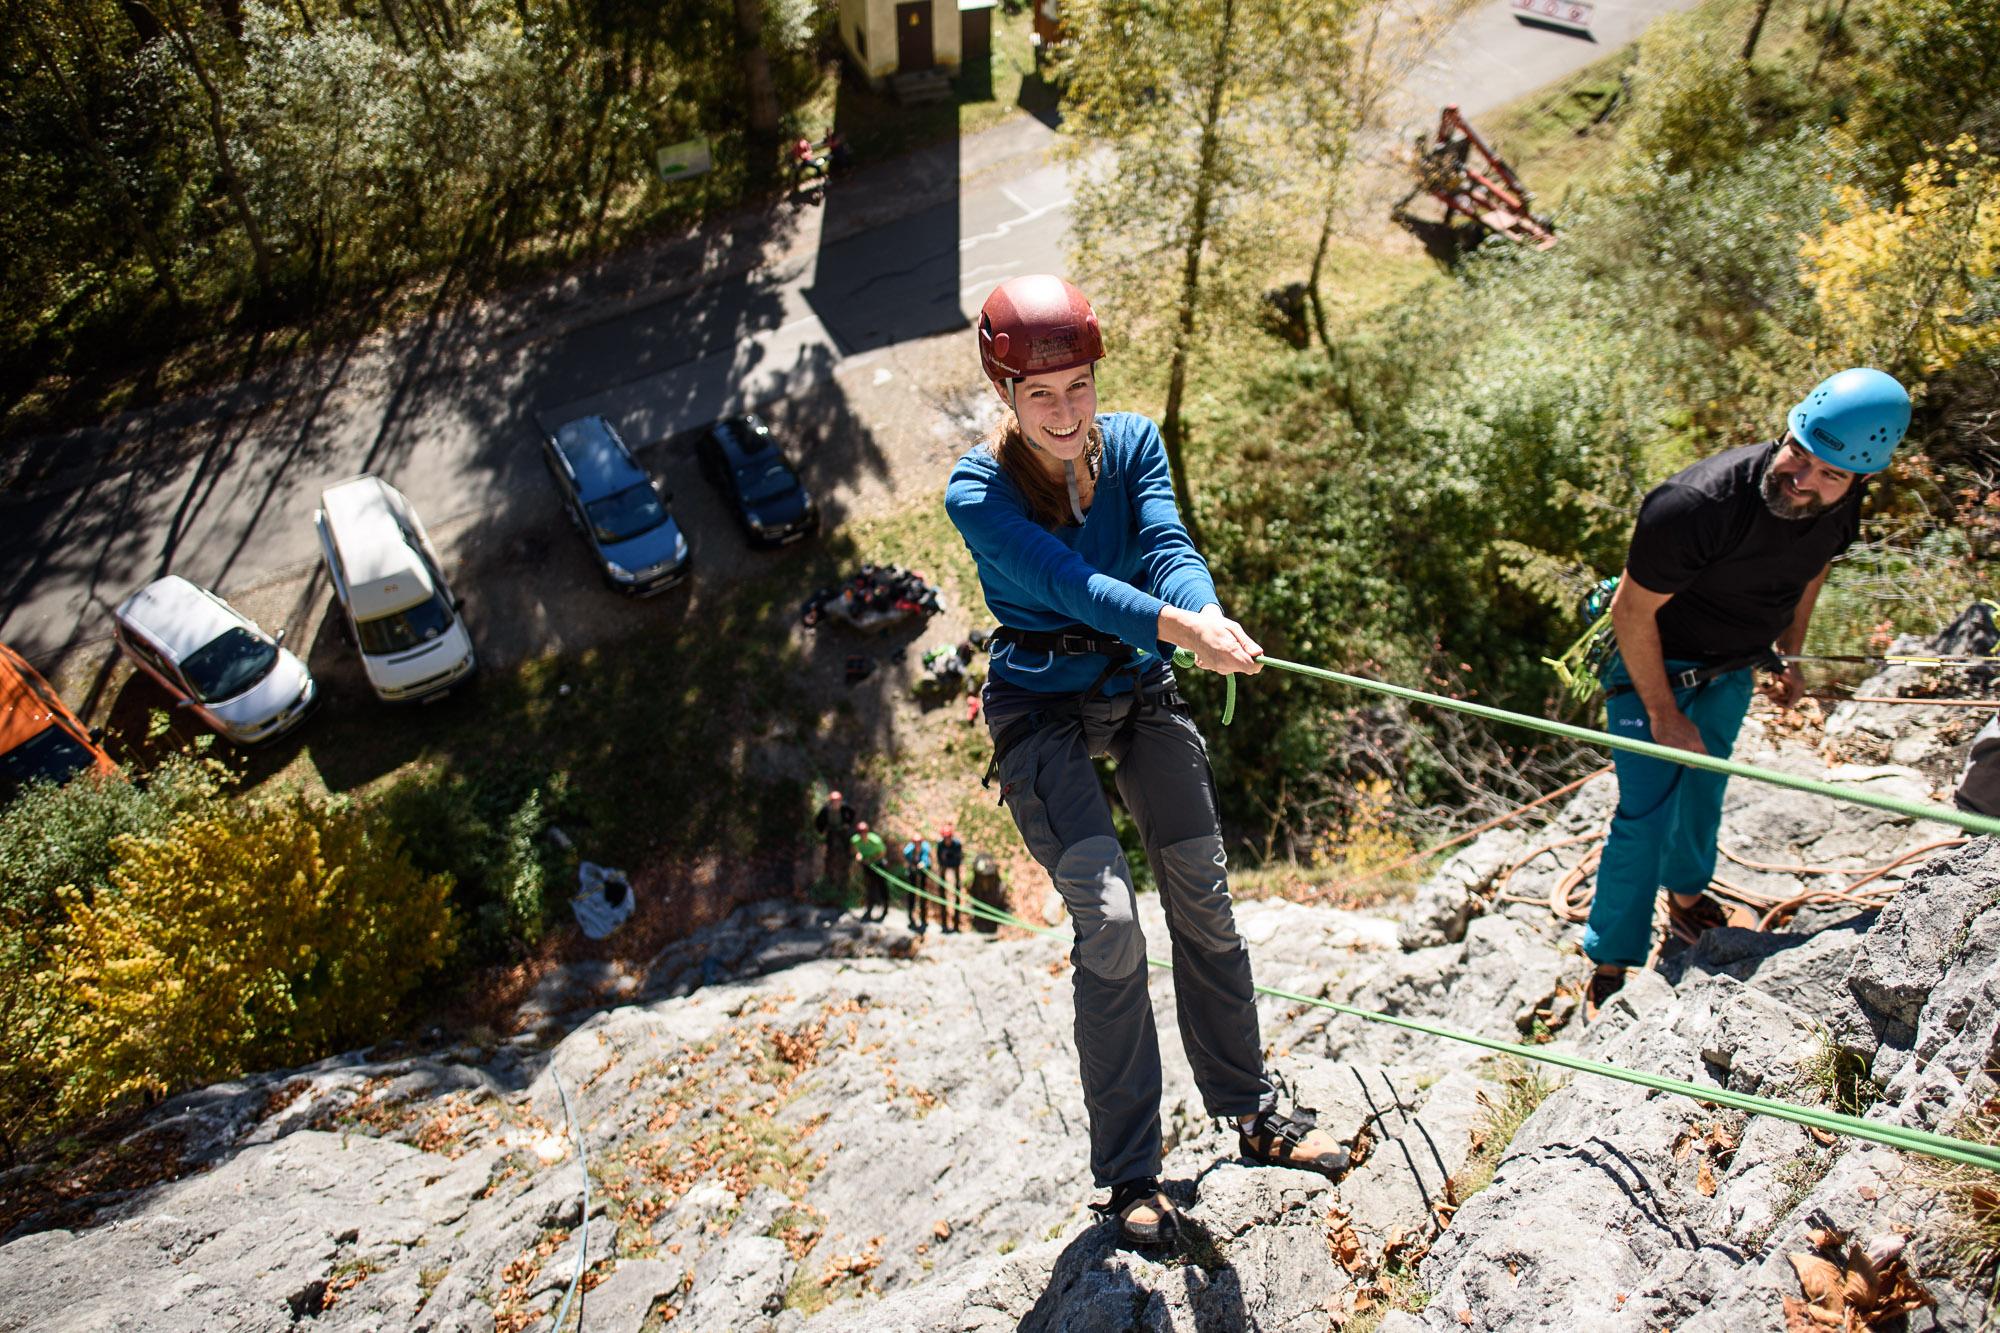 Klettersteigset Verleih Garmisch : Alpinschule garmisch die bergschule in partenkirchen